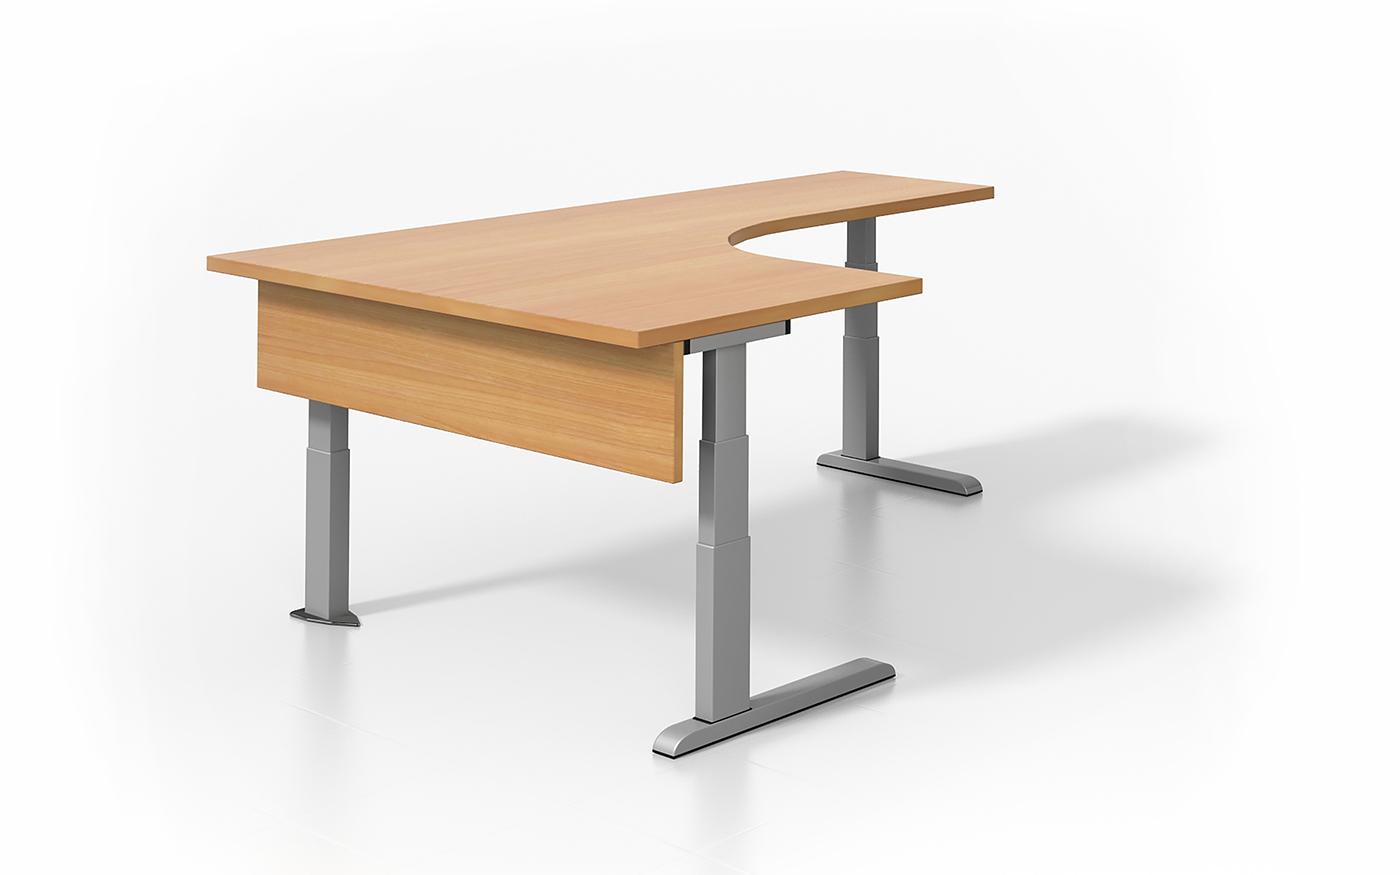 Viva 3 Leg Height Adjustable Desk